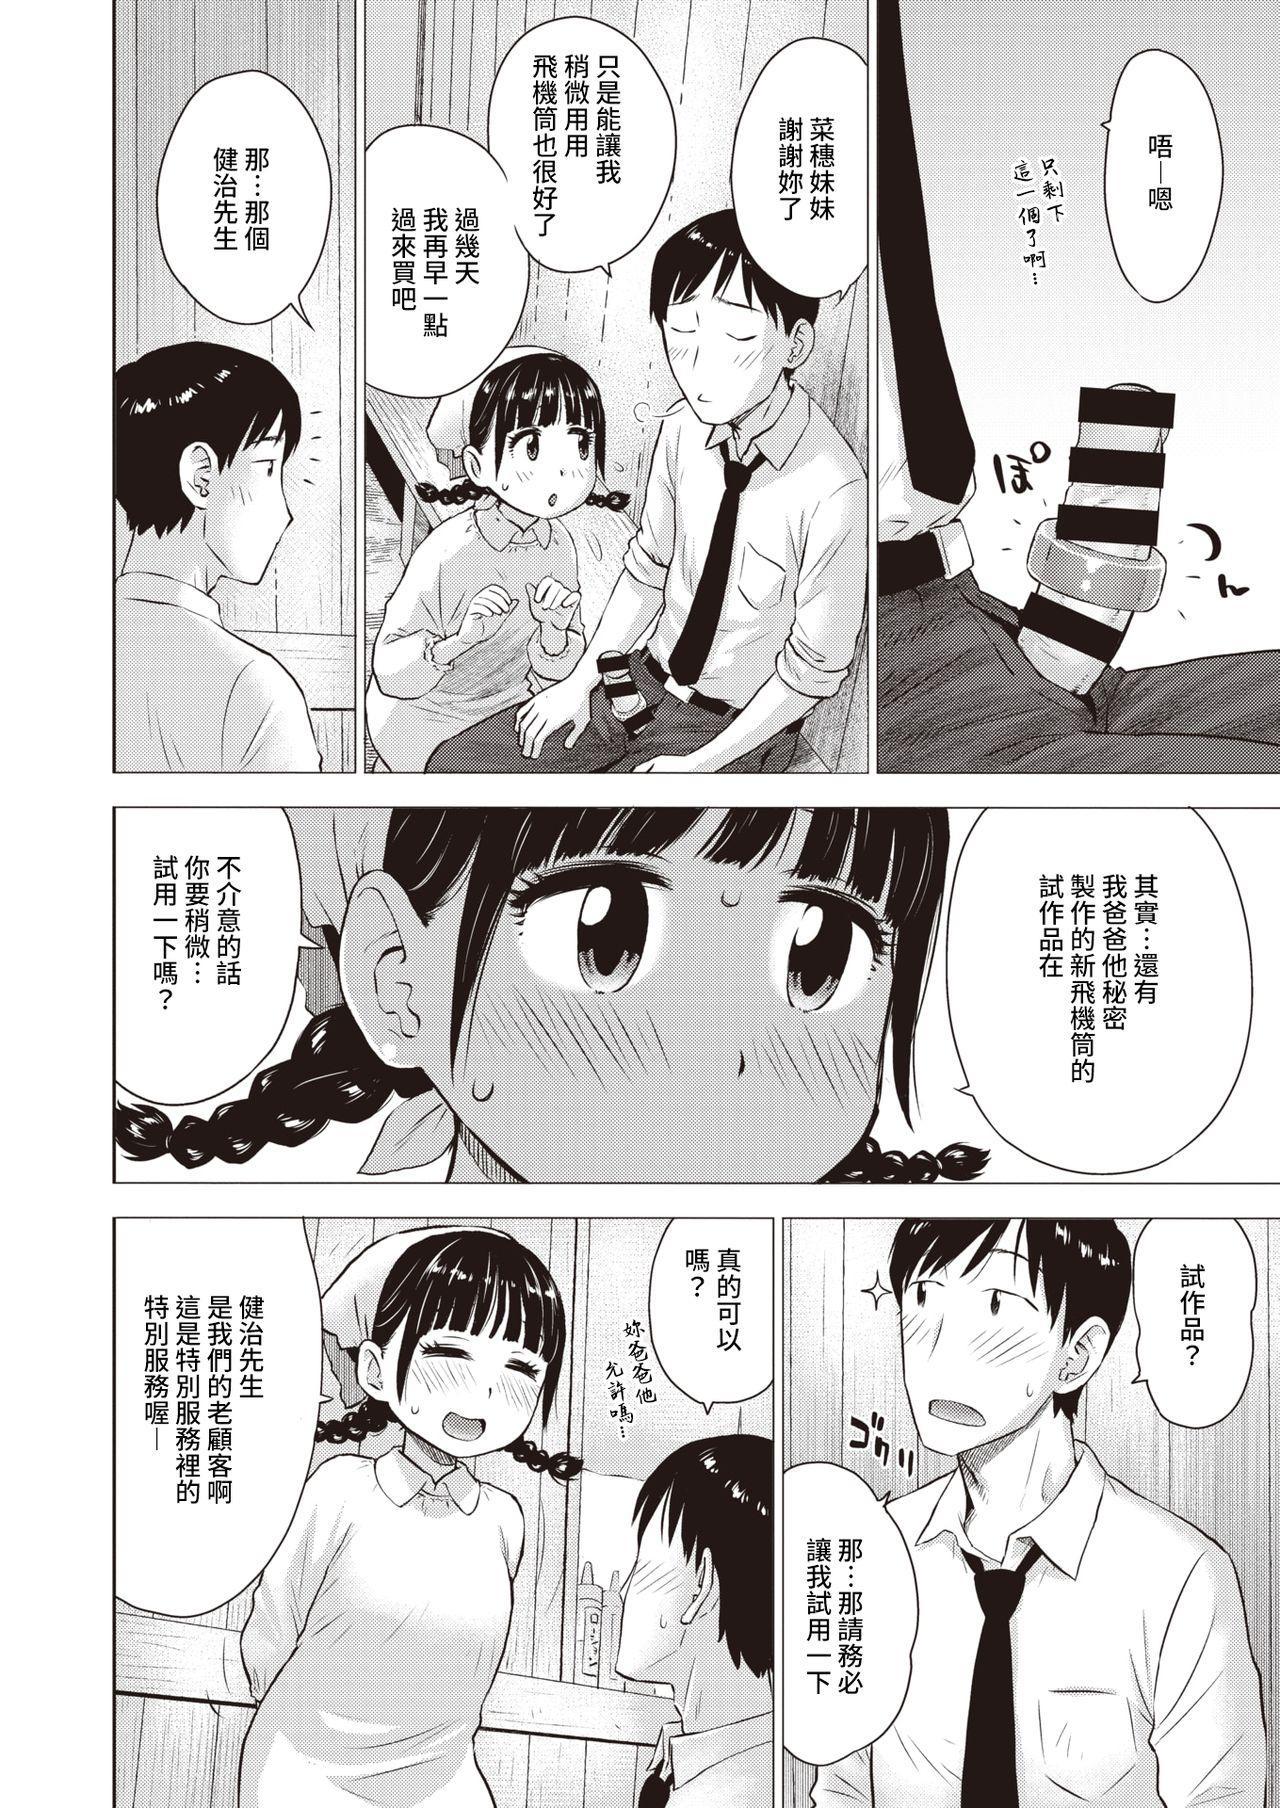 [Karma Tatsurou] Naho-chan wa Onahoya-san (WEEKLY Kairakuten 2021 No.31) [Chinese] [裸單騎漢化] 9